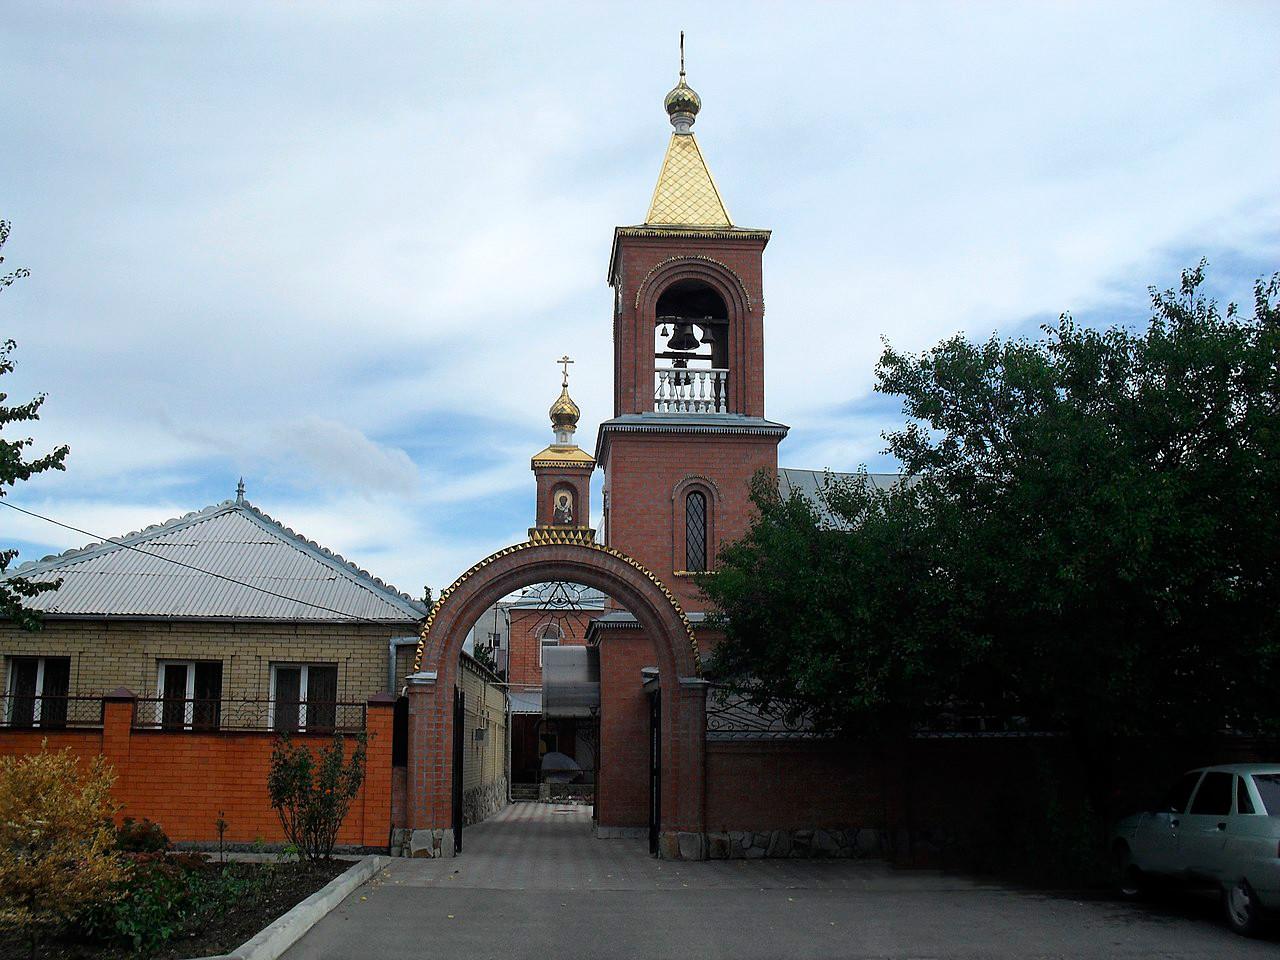 Церковь Святого Николая Чудотворца в городе Минеральные Воды, Кавказ, 1950 г. постройки